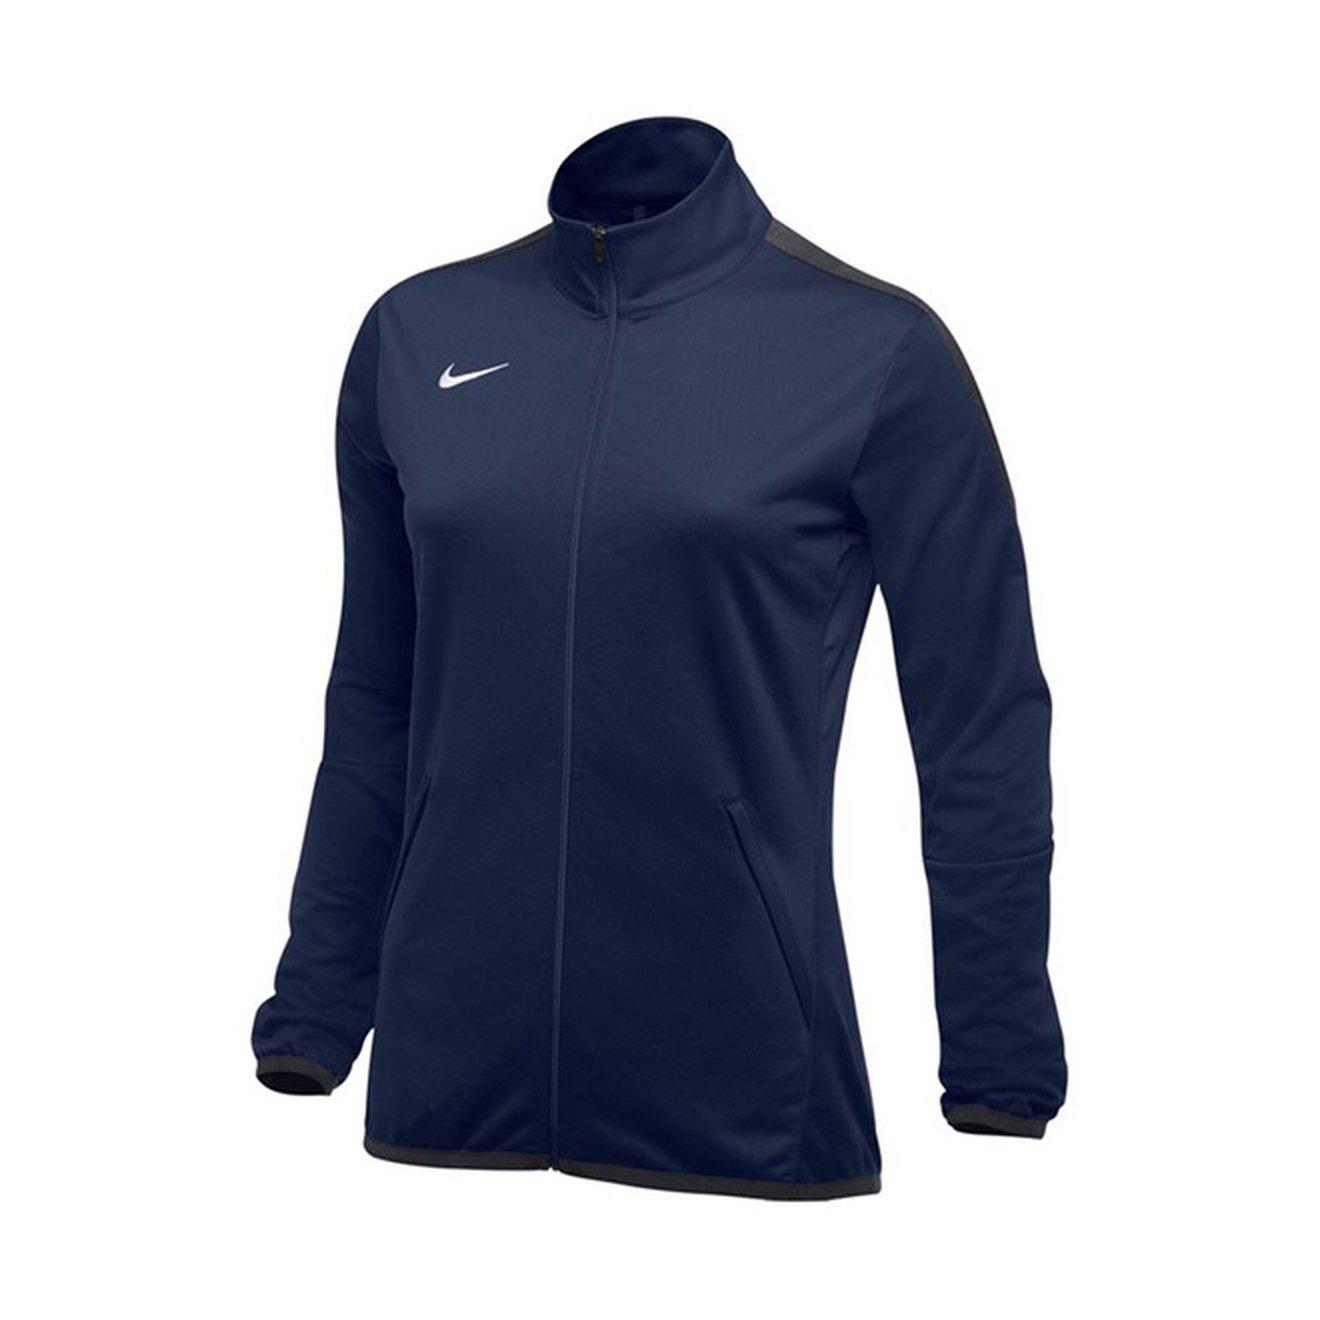 Nike Epic Training Jacket Female Navy Large